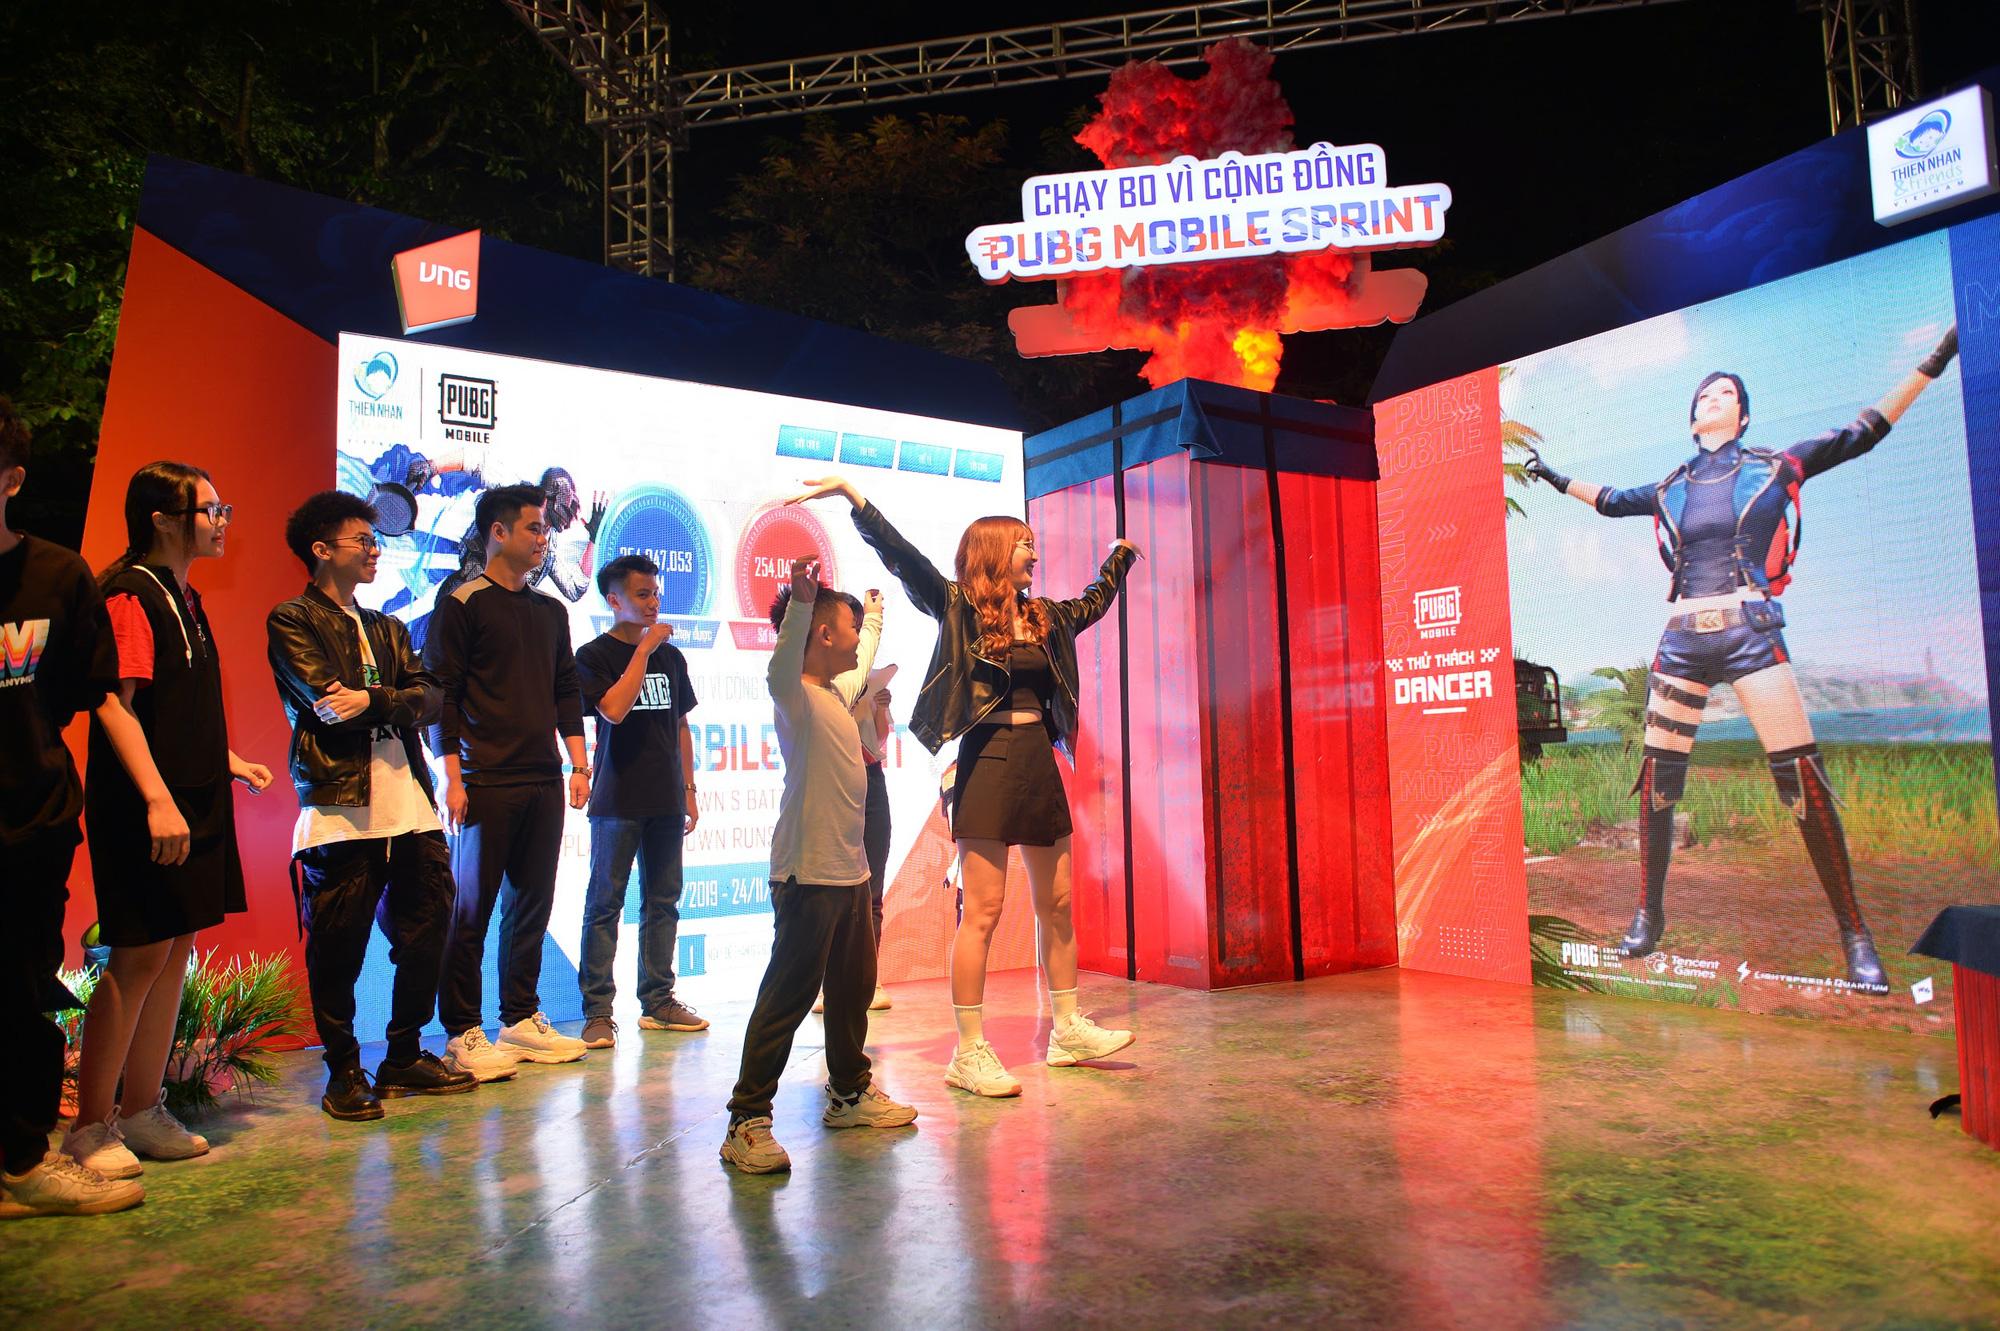 Box Gaming, Ngân Sát Thủ cùng dàn streamer hội tụ tại sự kiện gây quỹ từ thiện PUBG MOBILE SPRINT - Chạy bo vì cộng đồng - Ảnh 11.